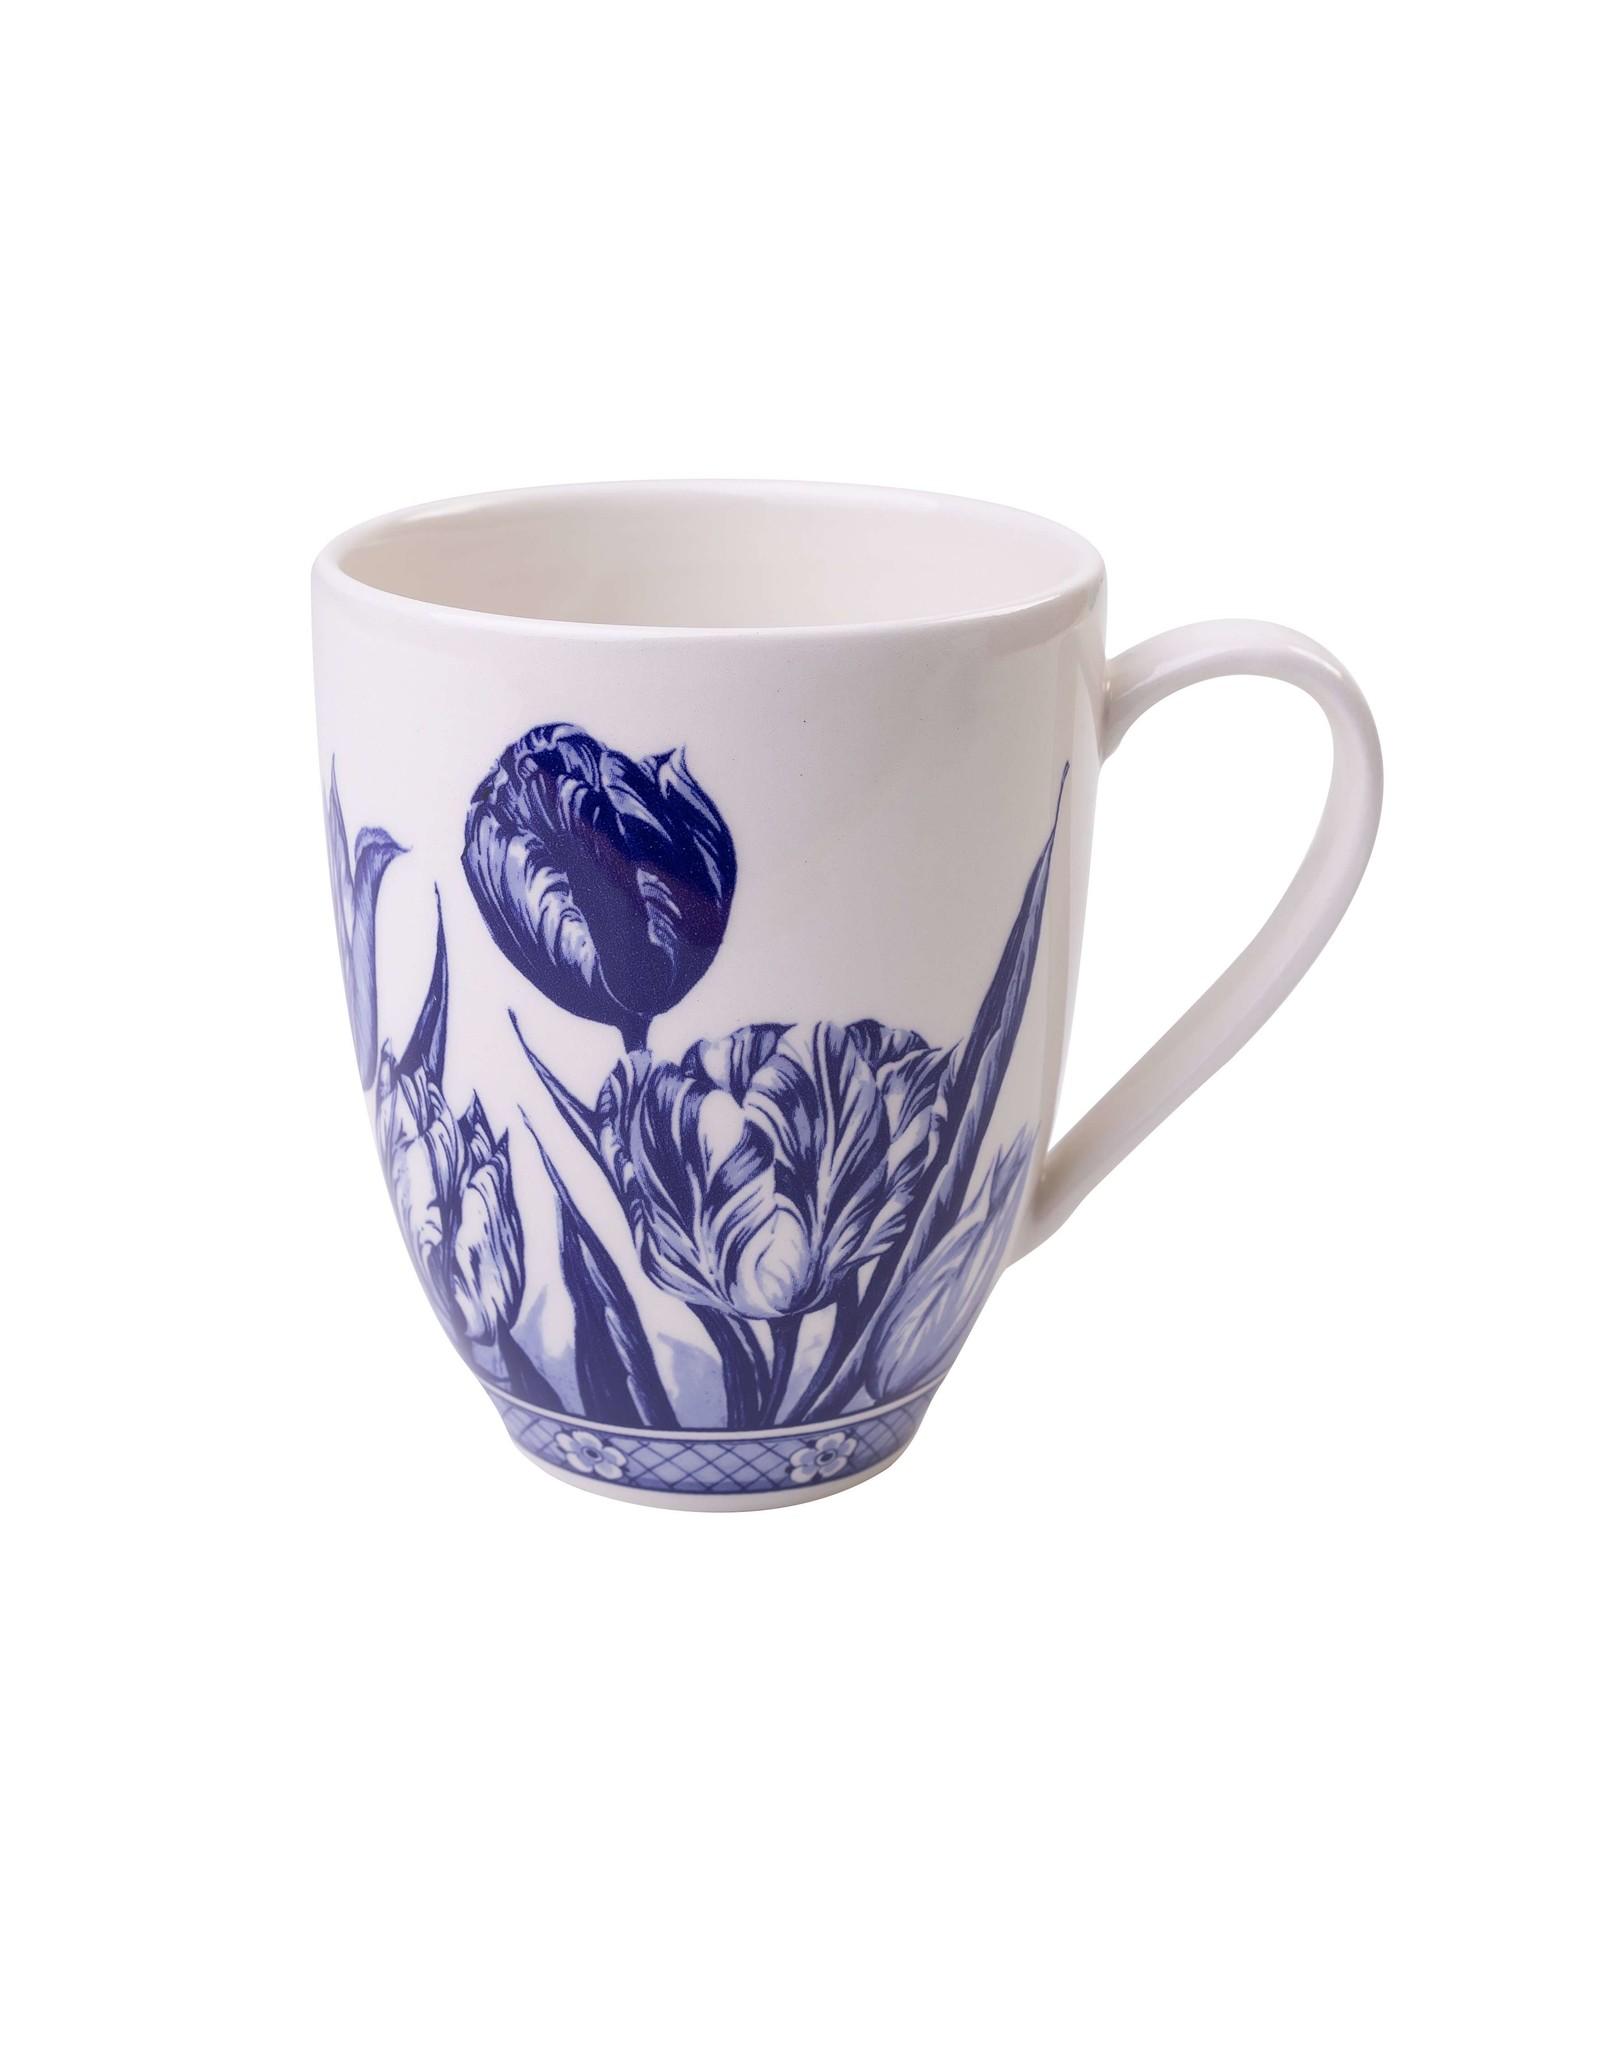 Heinen Delfts Blauw Delft Blue Coffee Mug with Tulip Design, 400 ml / 13,5 oz